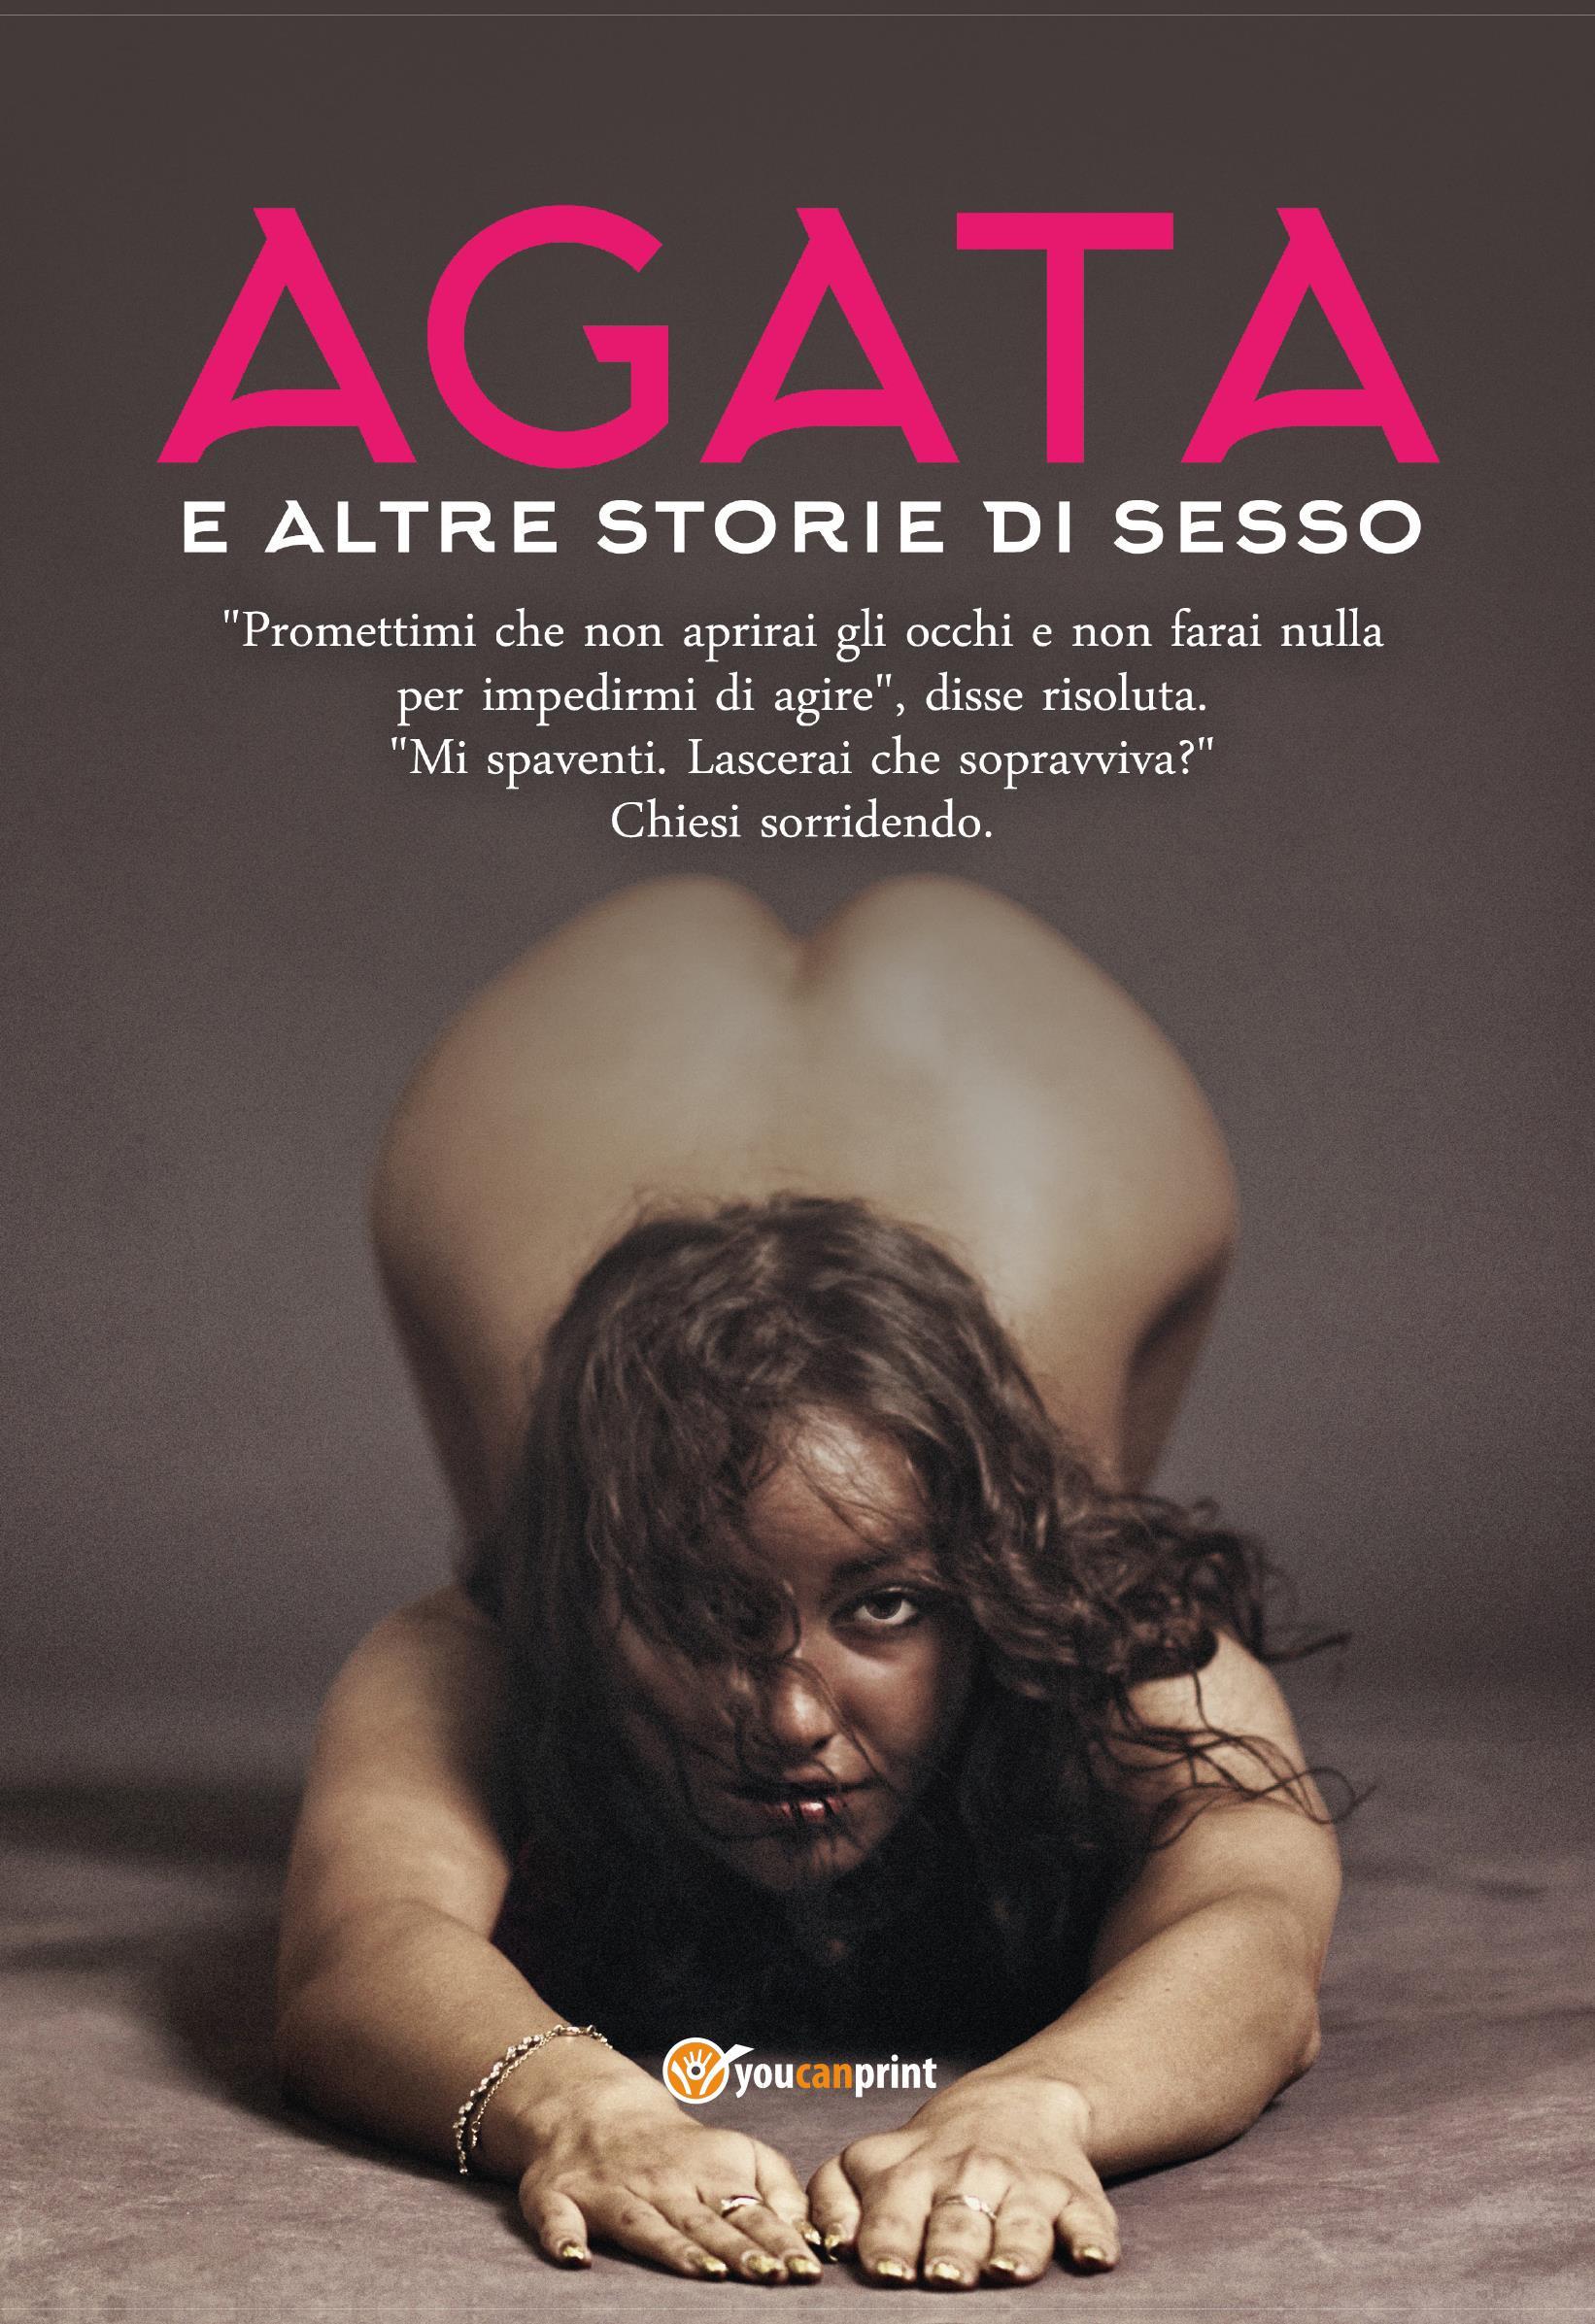 Agata e altre storie di sesso